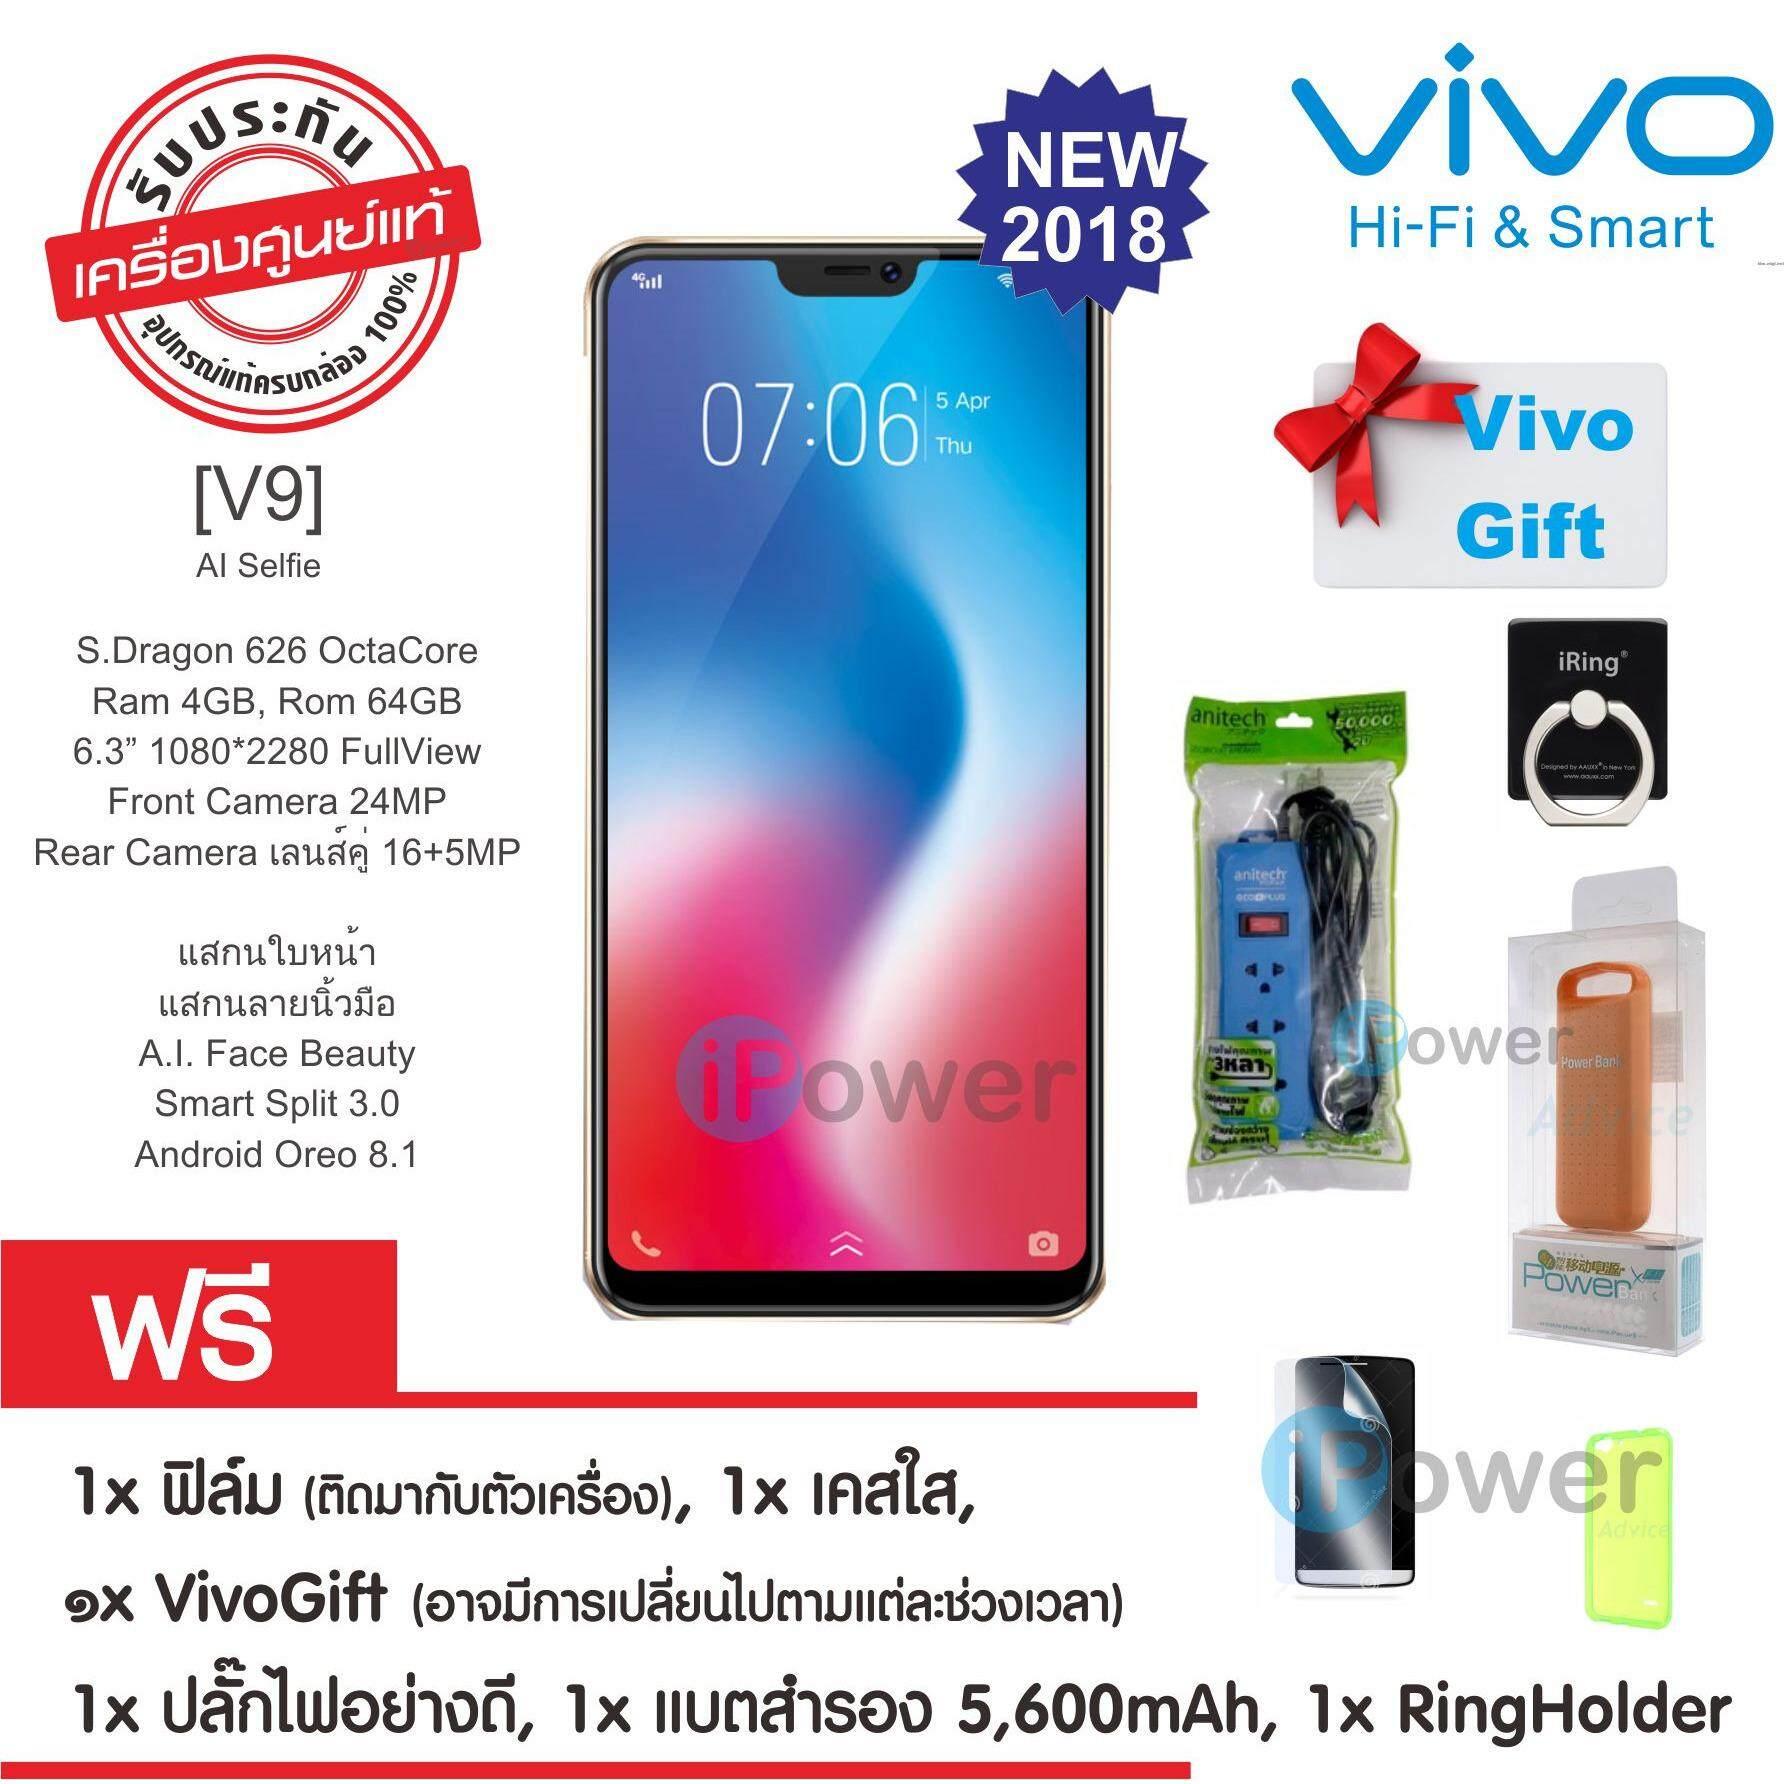 Vivo V9 Gold จอ 6 3นิ้ว เครื่องใหม่ เครื่องแท้ รับประกันศูนย์ แถมฟรีฟิล์มกันกระแทก เคสใส Vivo Gift อาจมีการเปลี่ยนแปลงไปตามแต่ละช่วงเวลา ปลั๊กไฟอย่างดี แบตสำรอง 5600 Mah Ring Holder แหวนติดโทรศัพท์ ถูก